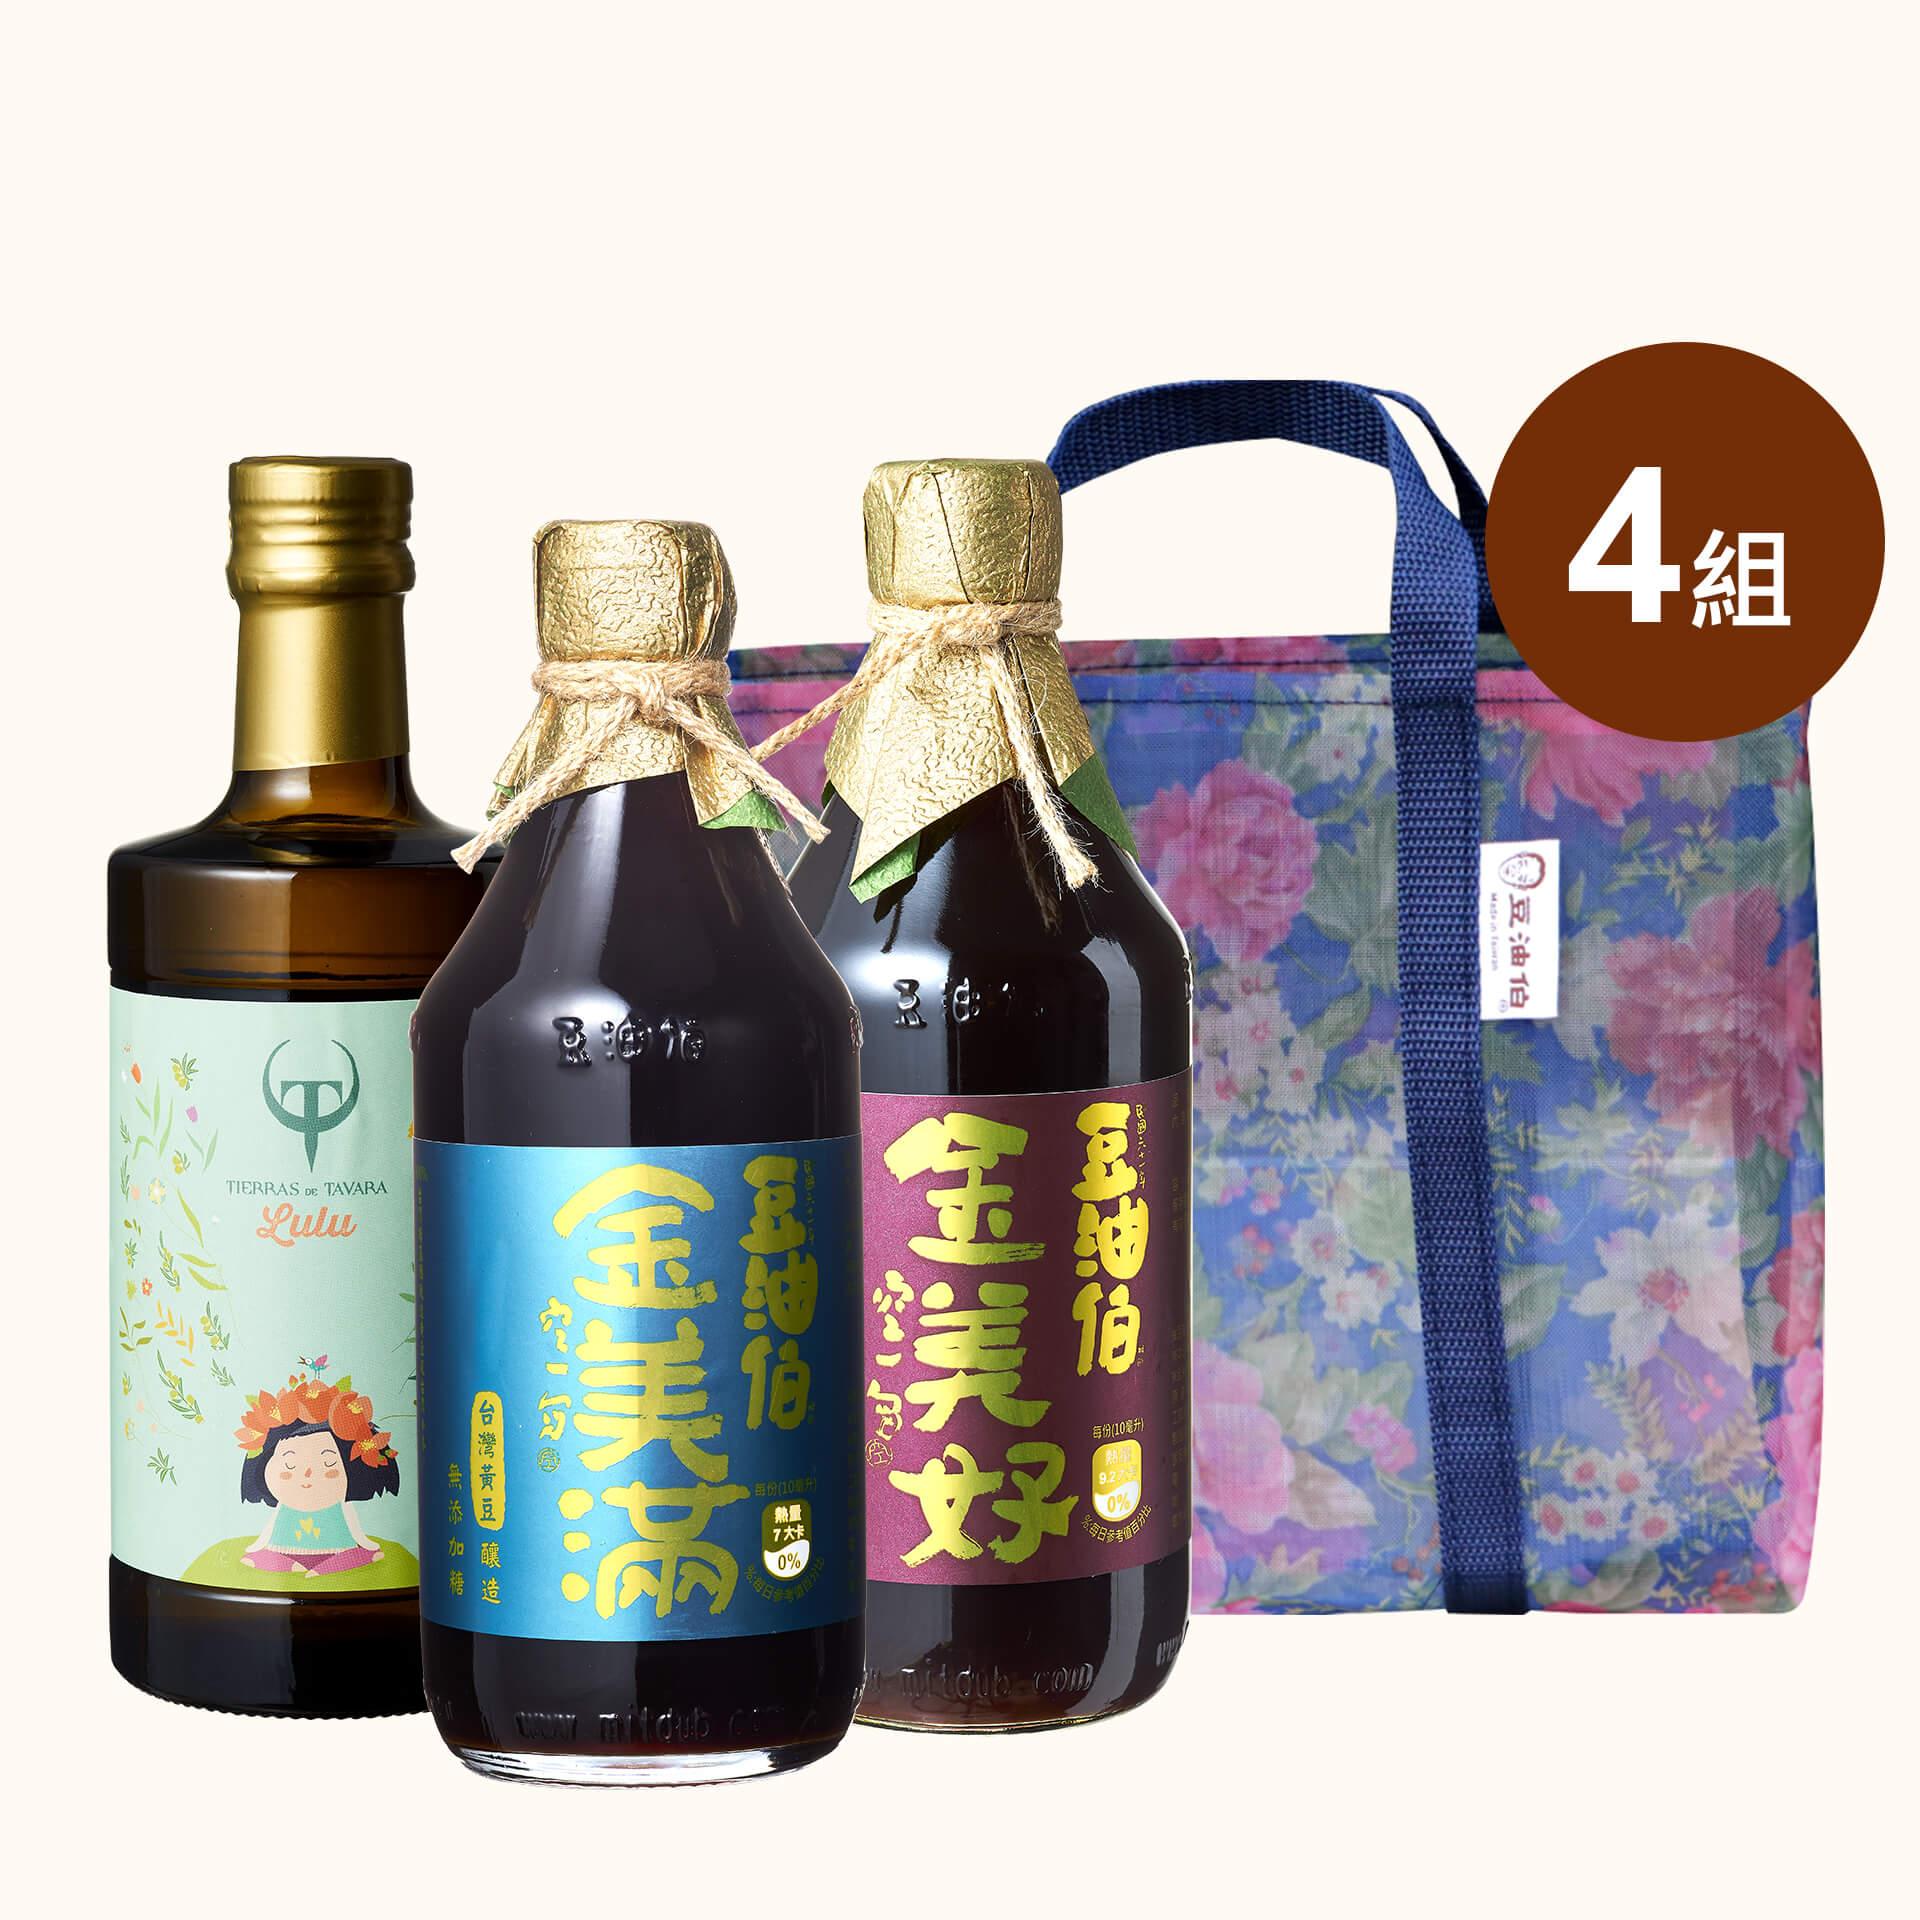 【中秋限定55折】Lulus橄欖油4入+金美好醬油4入+金美滿醬油4入(配復古花袋4入)(不挑色)